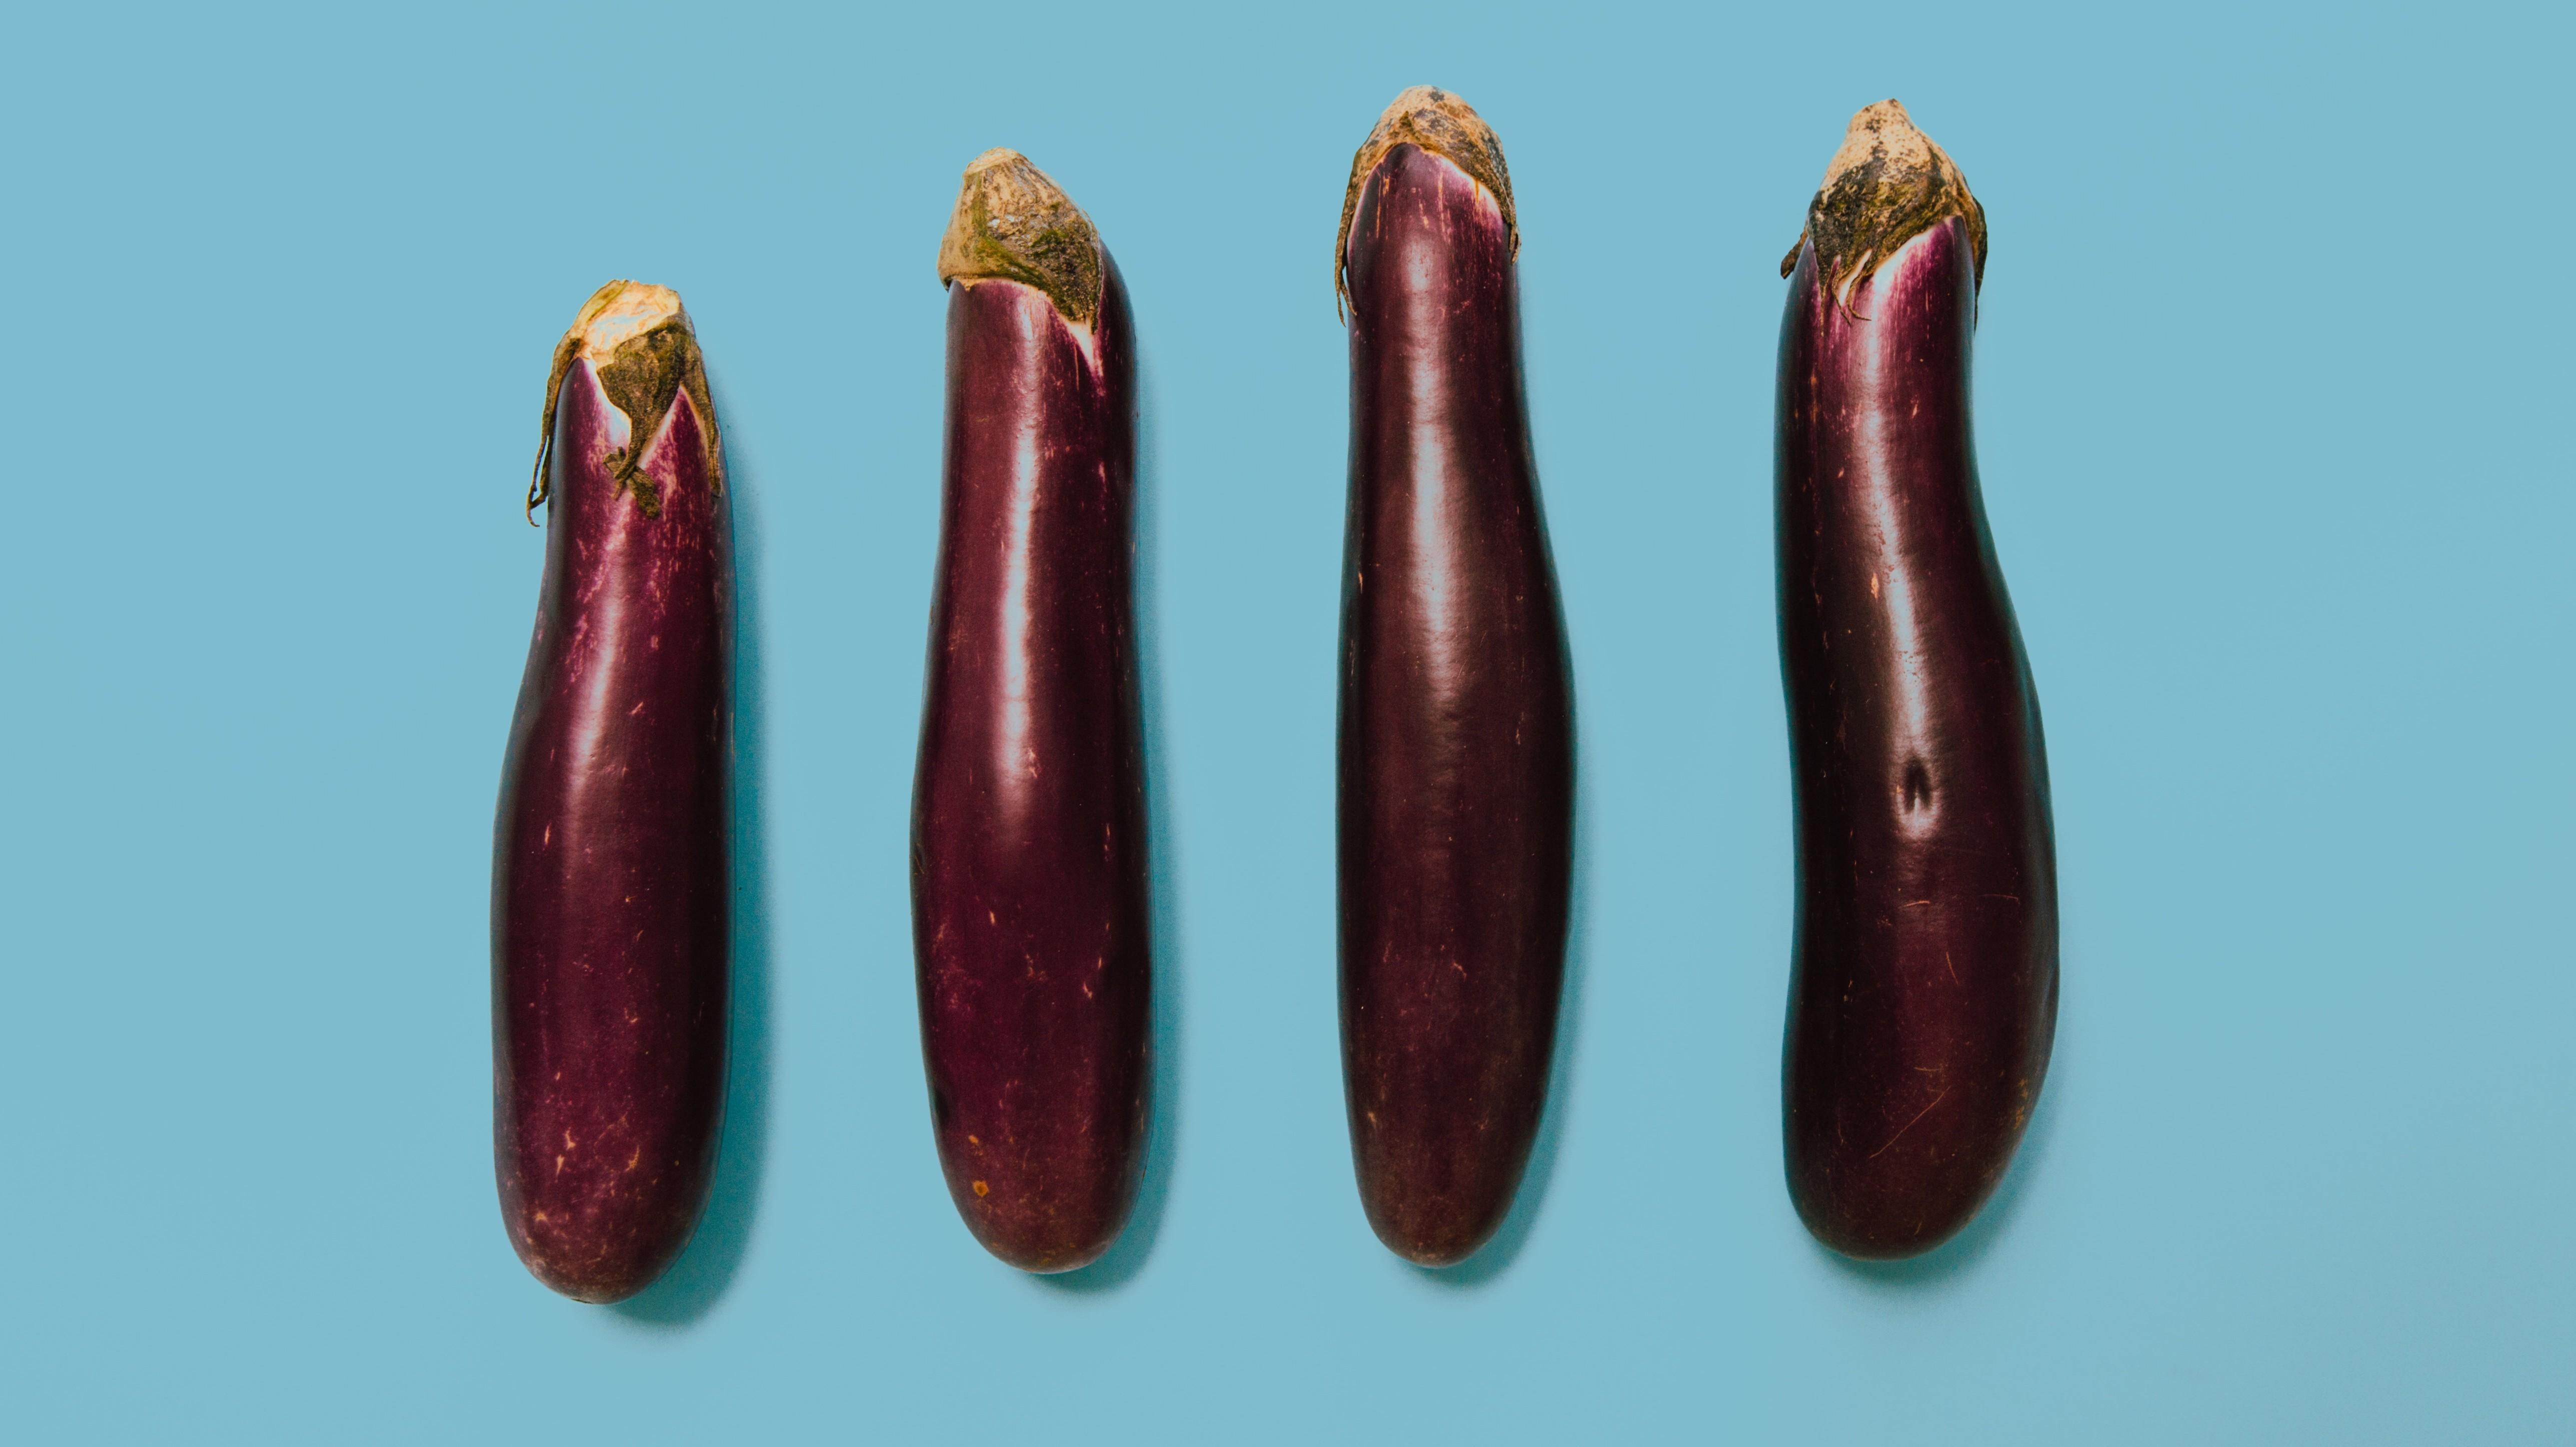 Disfuncţia erectilă: 8 alimente pe care trebuie să le ai în meniu - CSID: Ce se întâmplă Doctore?